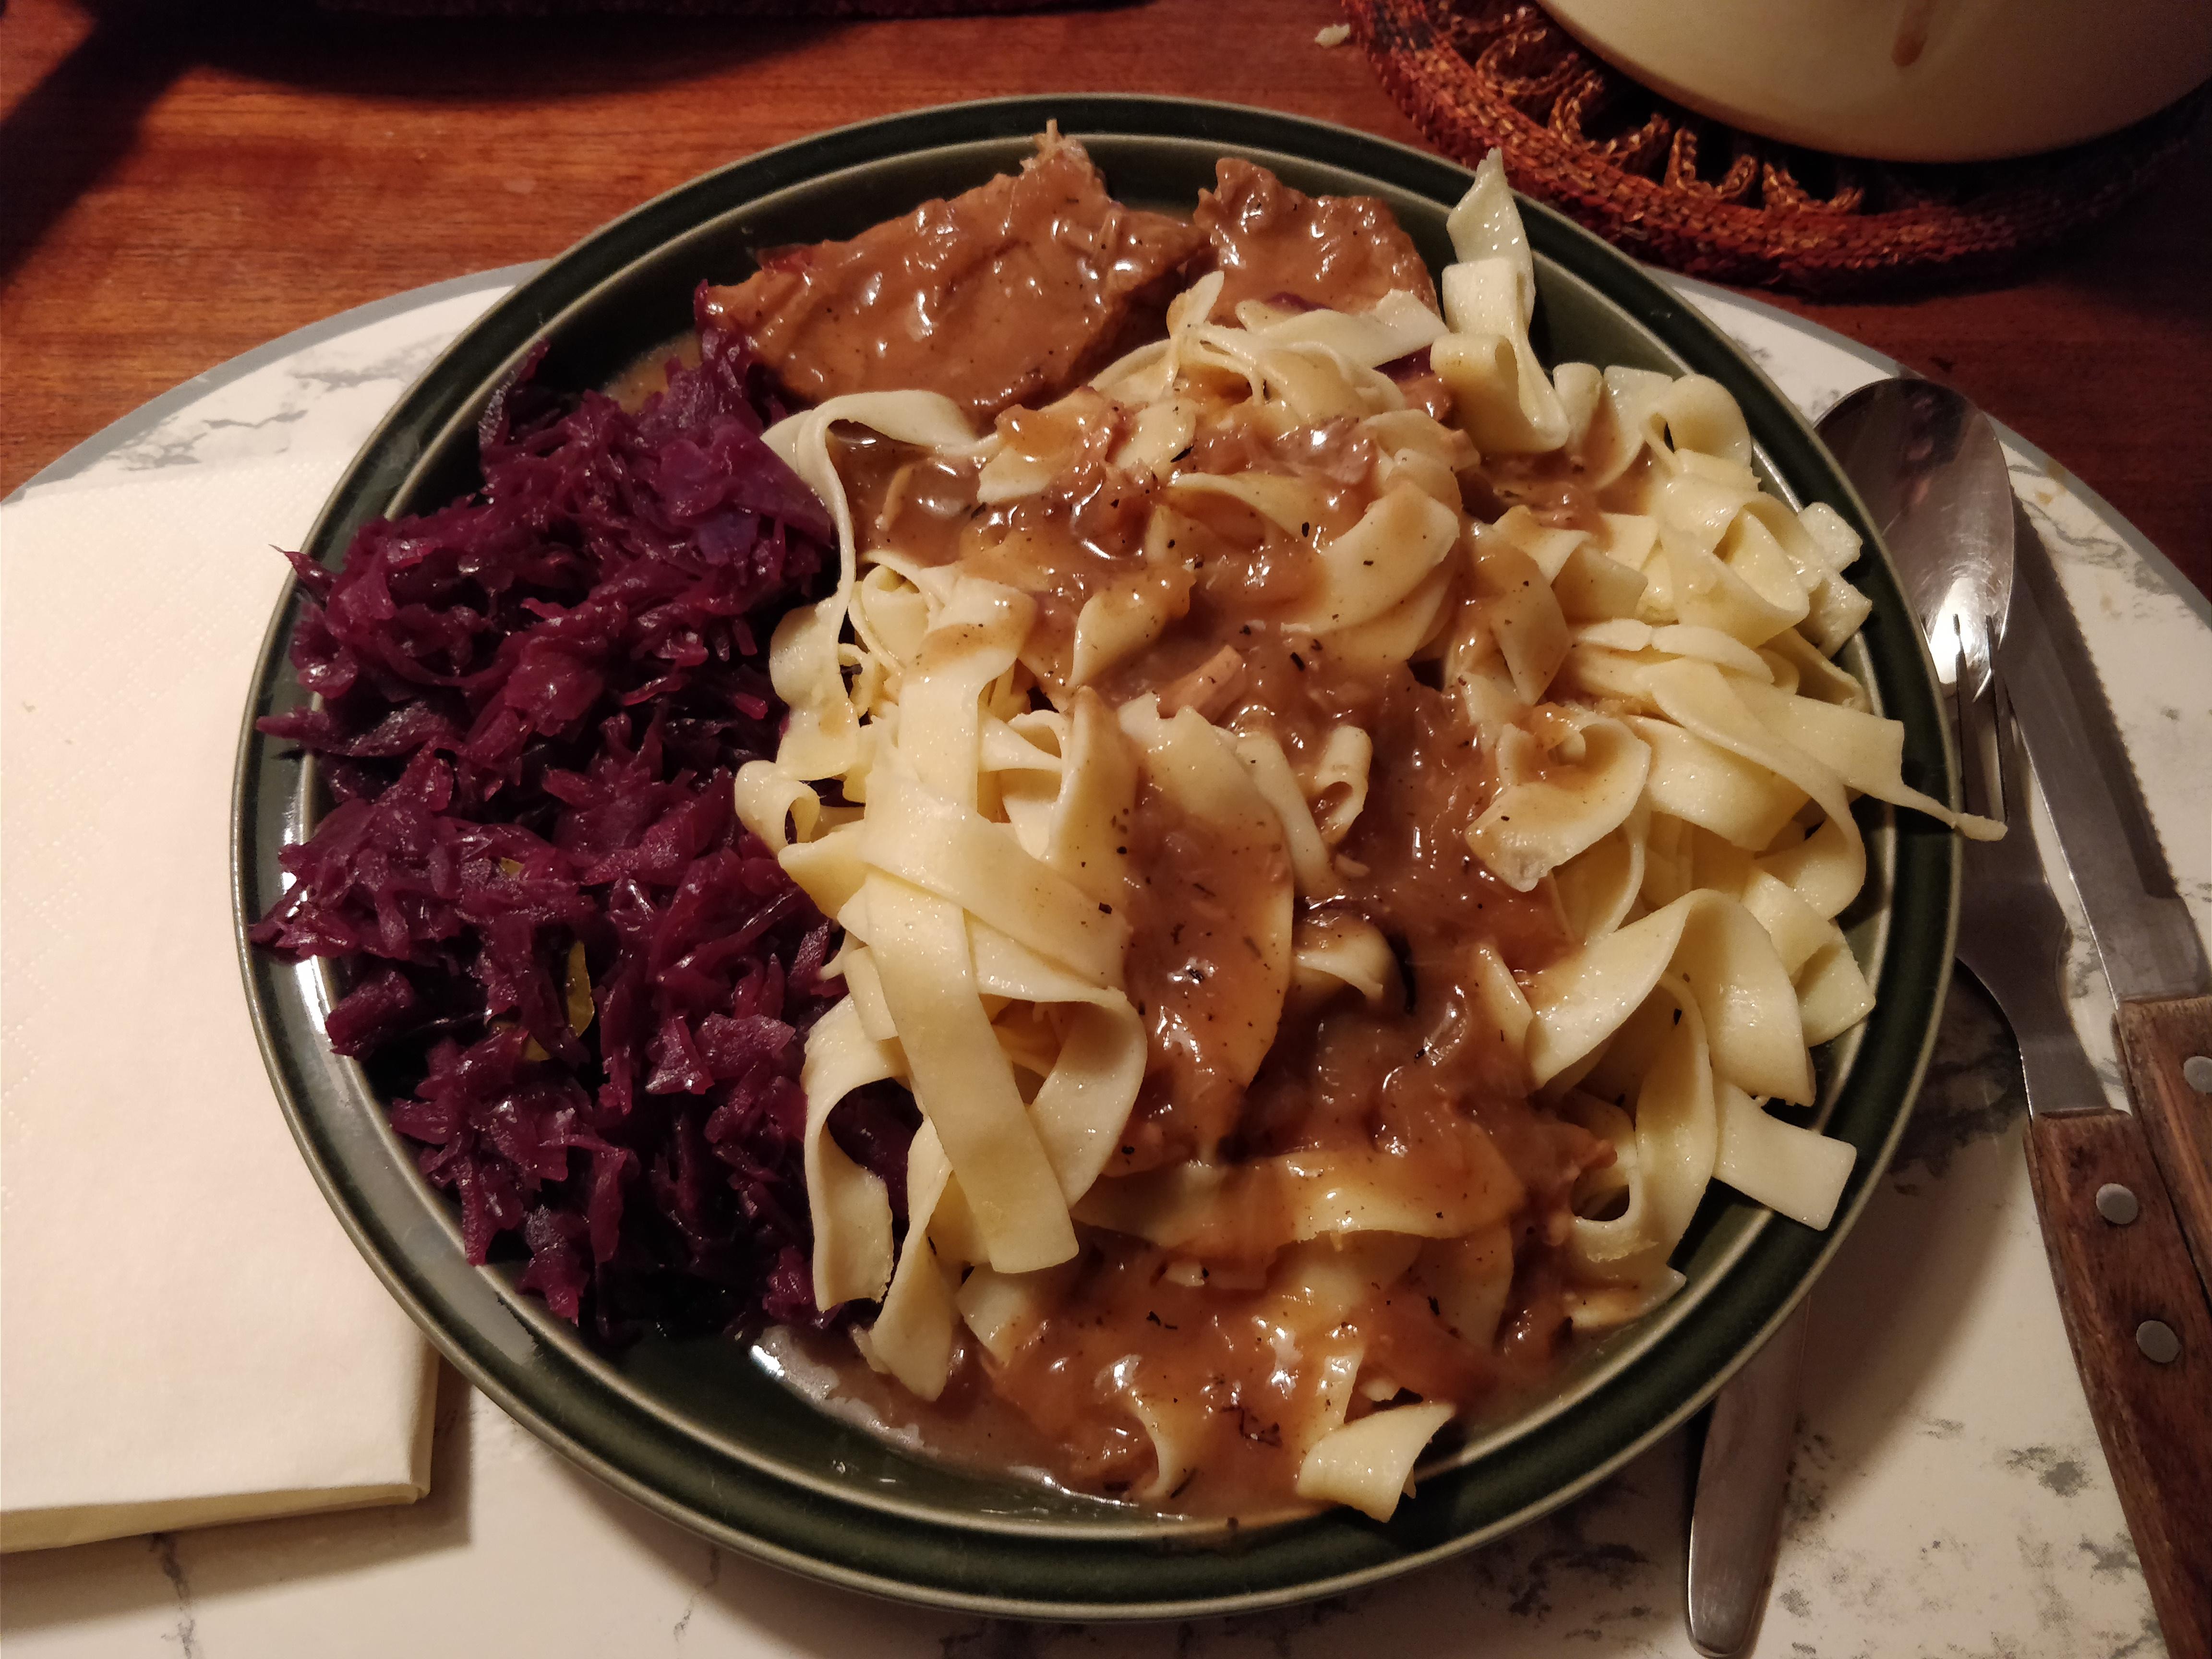 https://foodloader.net/nico_2017-11-29_schweinebraten-rotkraut-nudeln.jpg